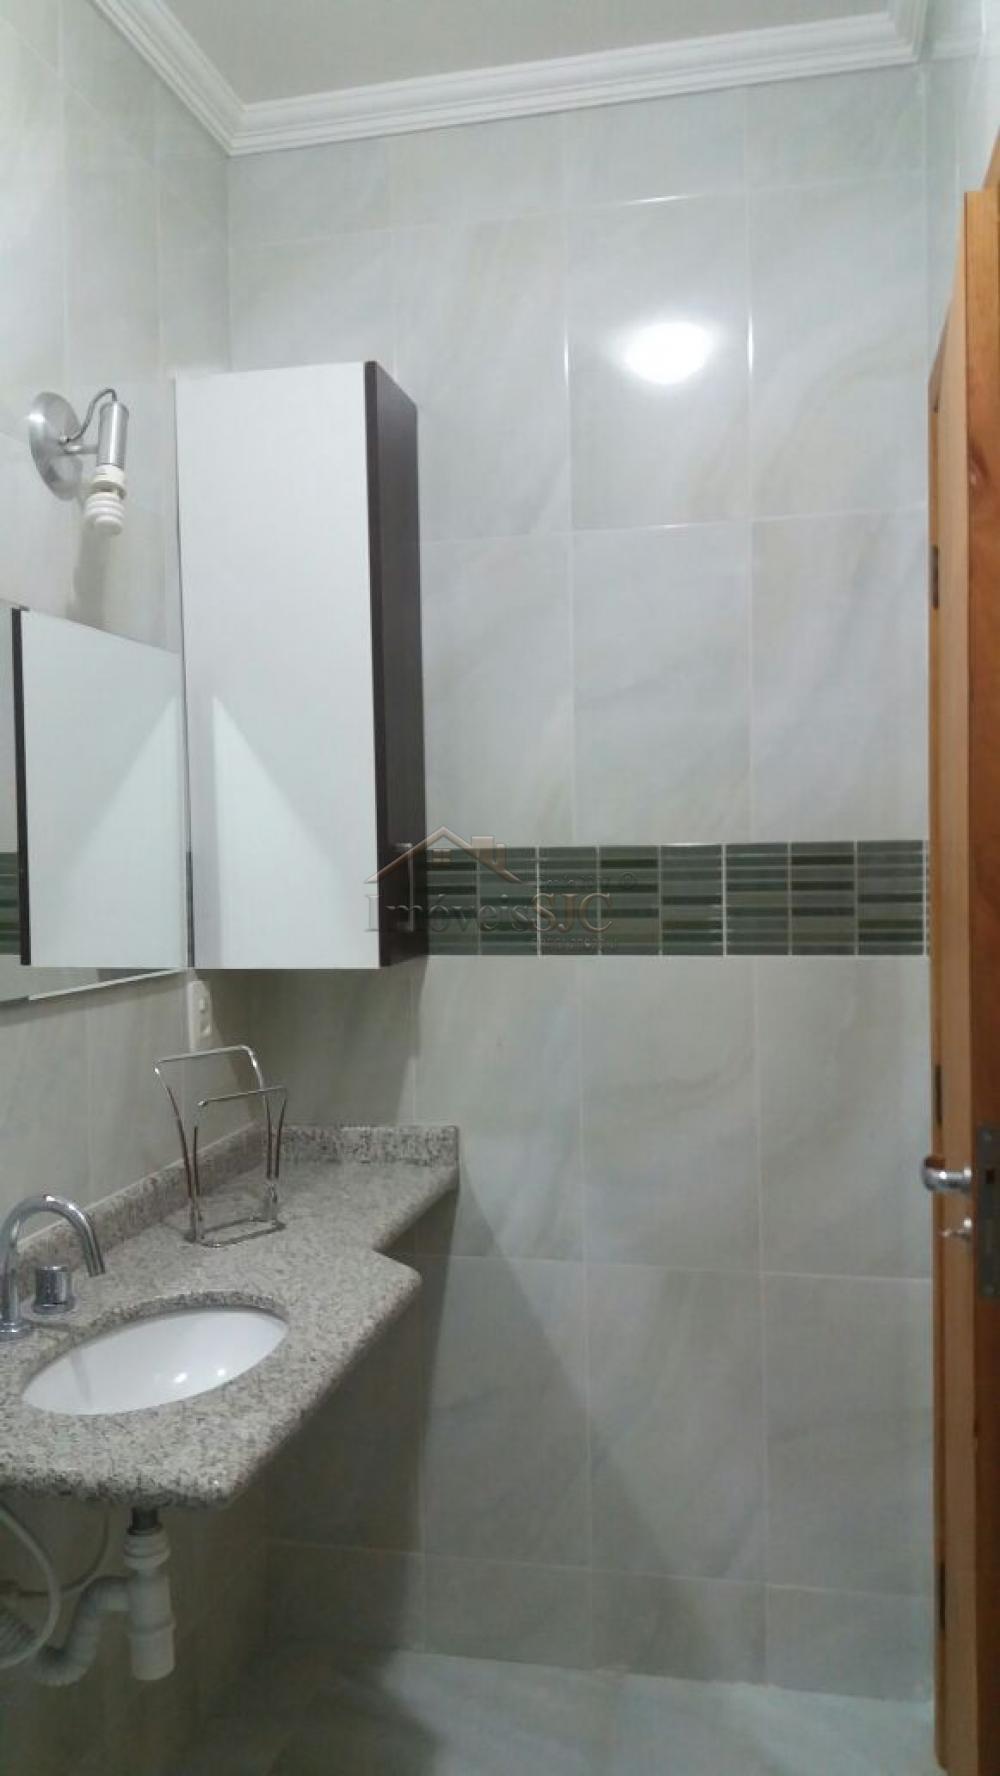 Comprar Casas / Condomínio em Caçapava apenas R$ 585.000,00 - Foto 8